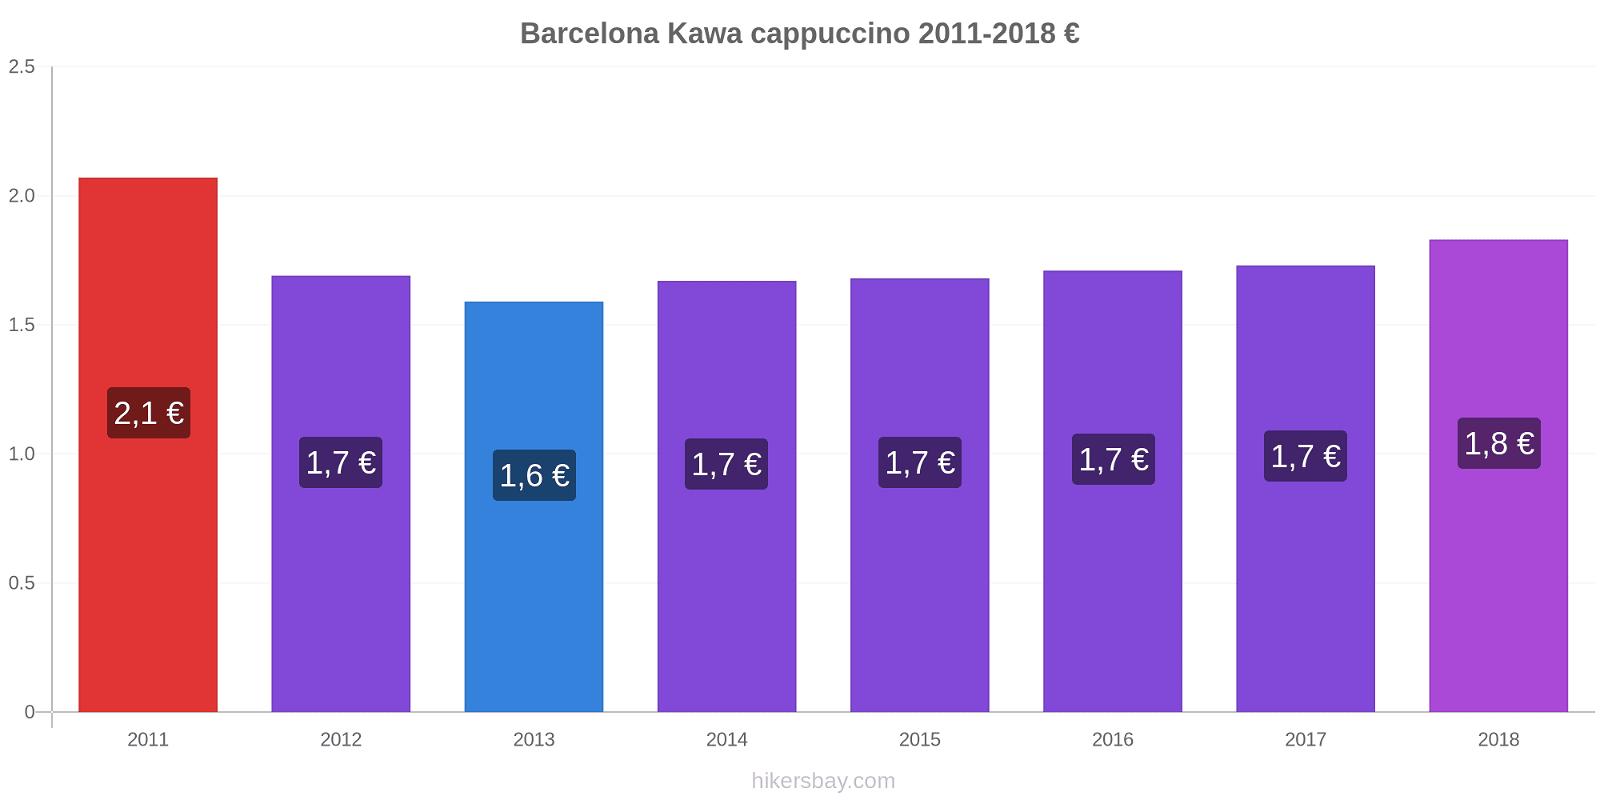 Barcelona zmiany cen Kawa cappuccino hikersbay.com